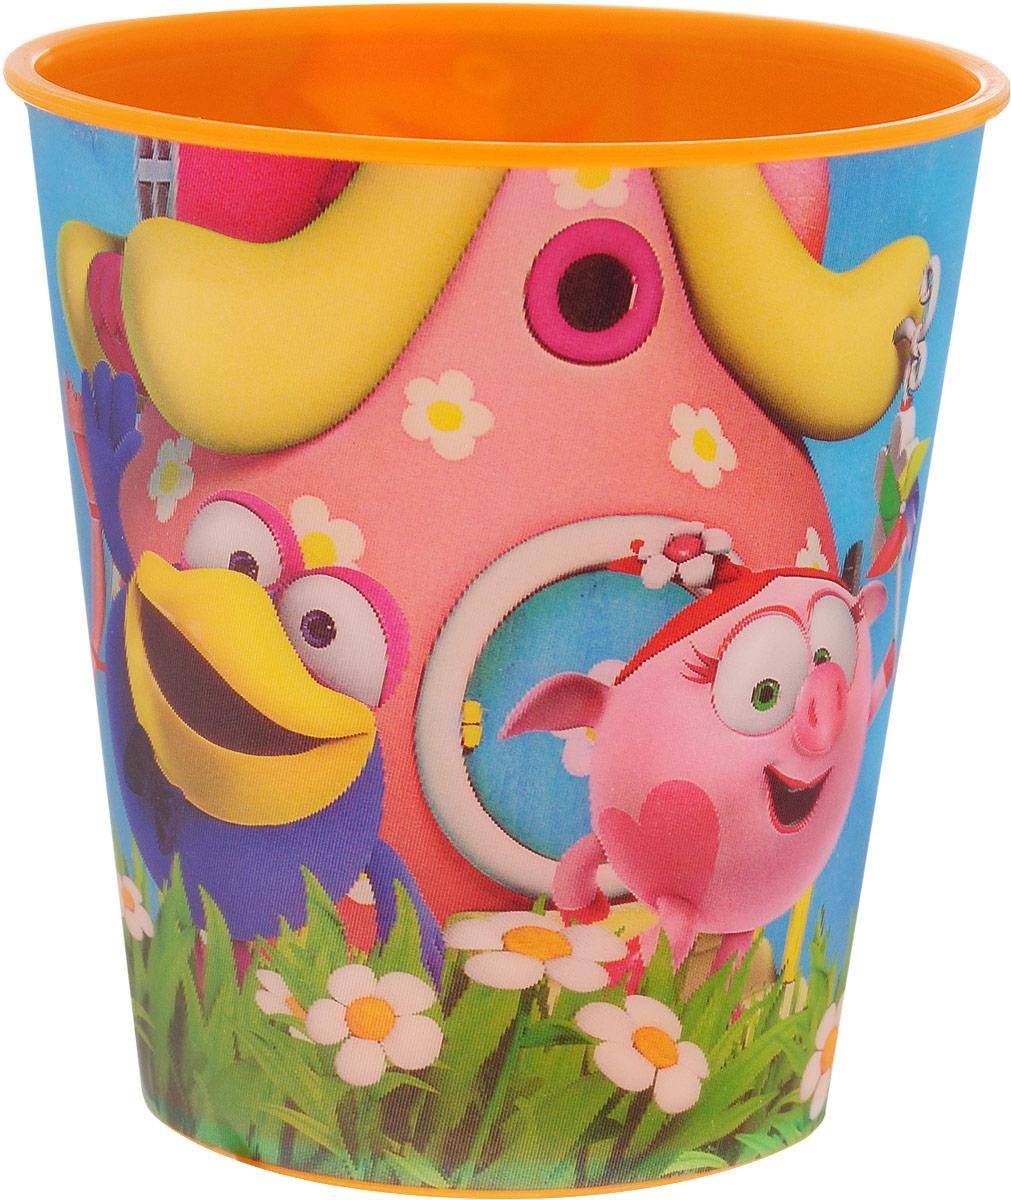 Смешарики Стакан детский 280 млSMT280-01Детский стакан Смешарики непременно станет любимым стаканчиком малыша. Стакан выполнен из прочного безопасного полипропилена и оформлен изображением героев мультсериала Смешарики. Благодаря безопасному материалу, стакан подойдет для любых напитков.Объем стакана - 280 мл. Яркий детский стаканчик непременно порадует ребенка и станет отличным подарком для любого маленького поклонника сериала Смешарики.Стакан не подходит для использования в СВЧ-печах и посудомоечных машинах.